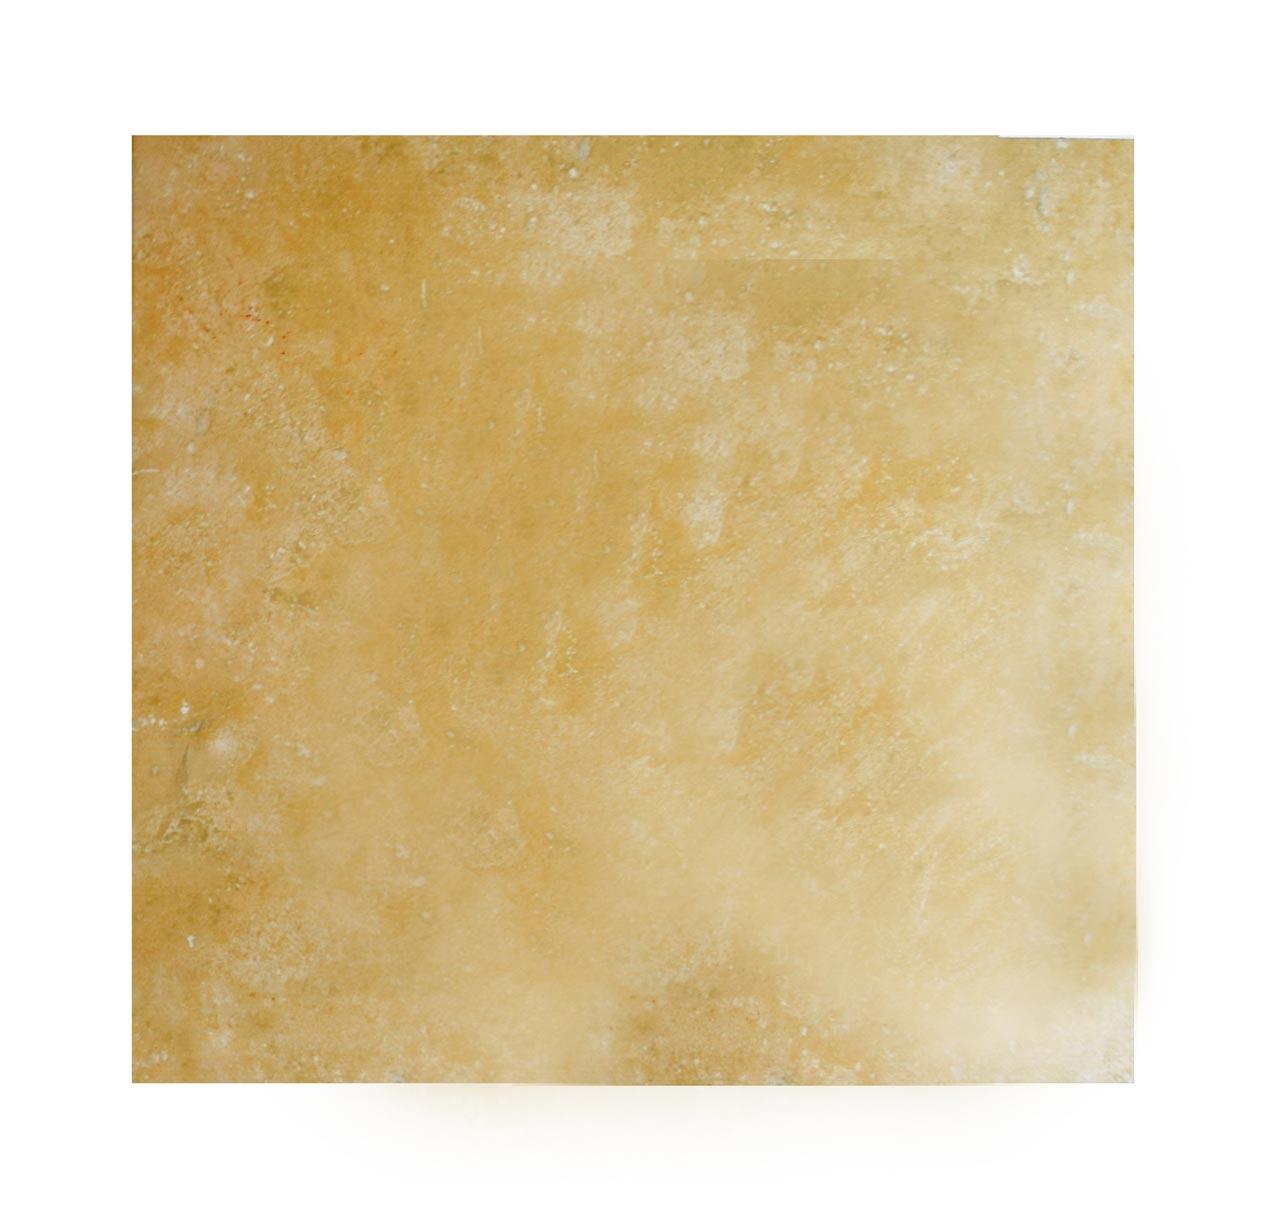 Cristofoletti 18 X 18 Ceramic Floor Tile 45201 Tile Depot Ltd